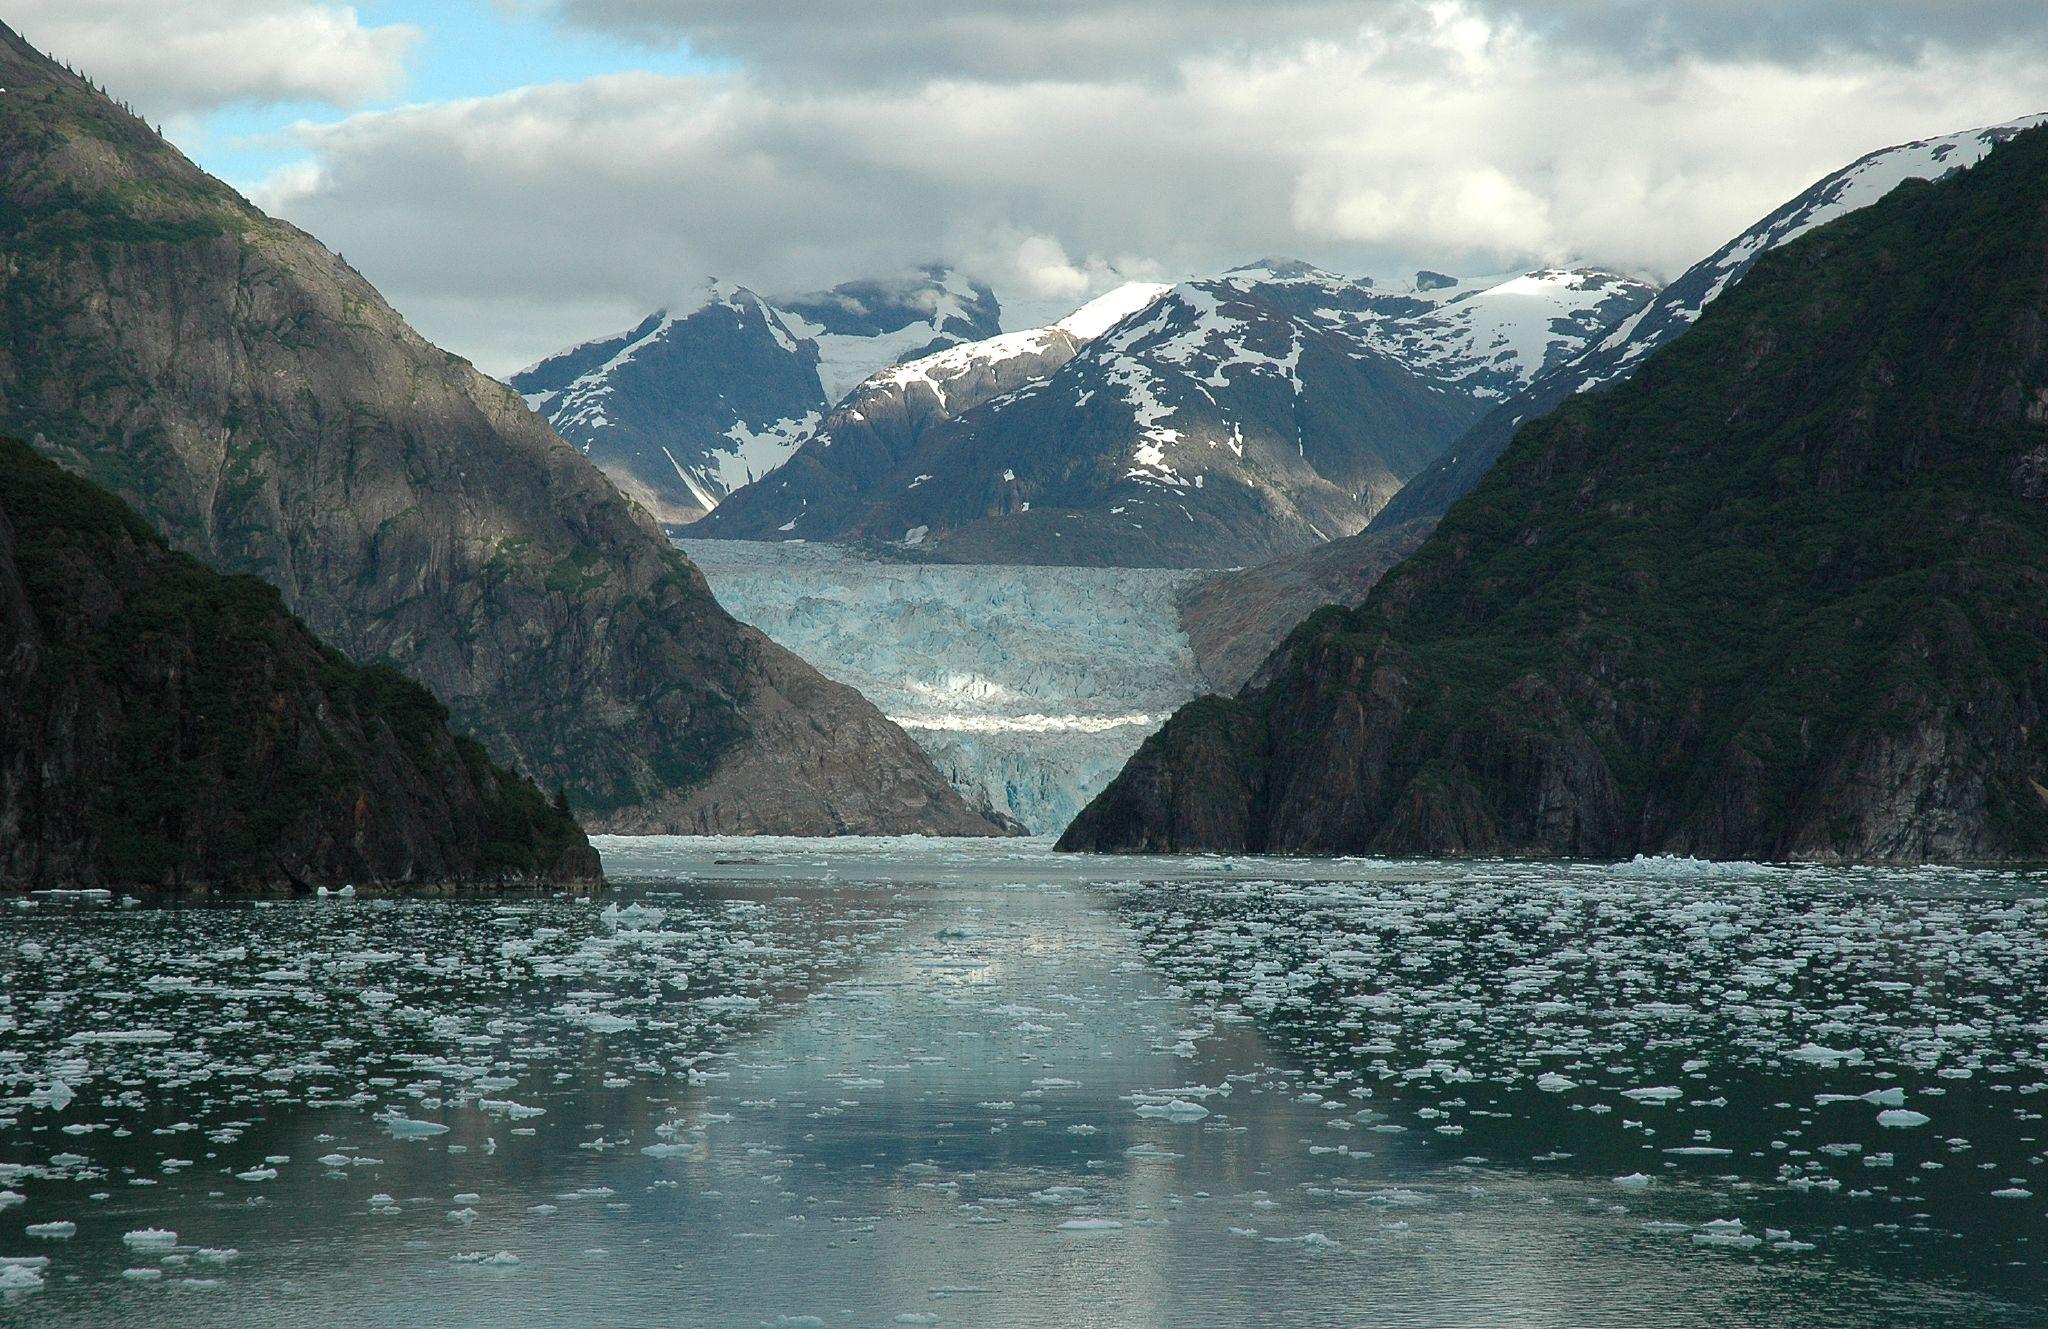 FileTracy Arm Fjord Sawyer Glacierjpg Wikimedia Commons - Tracy arm fjord